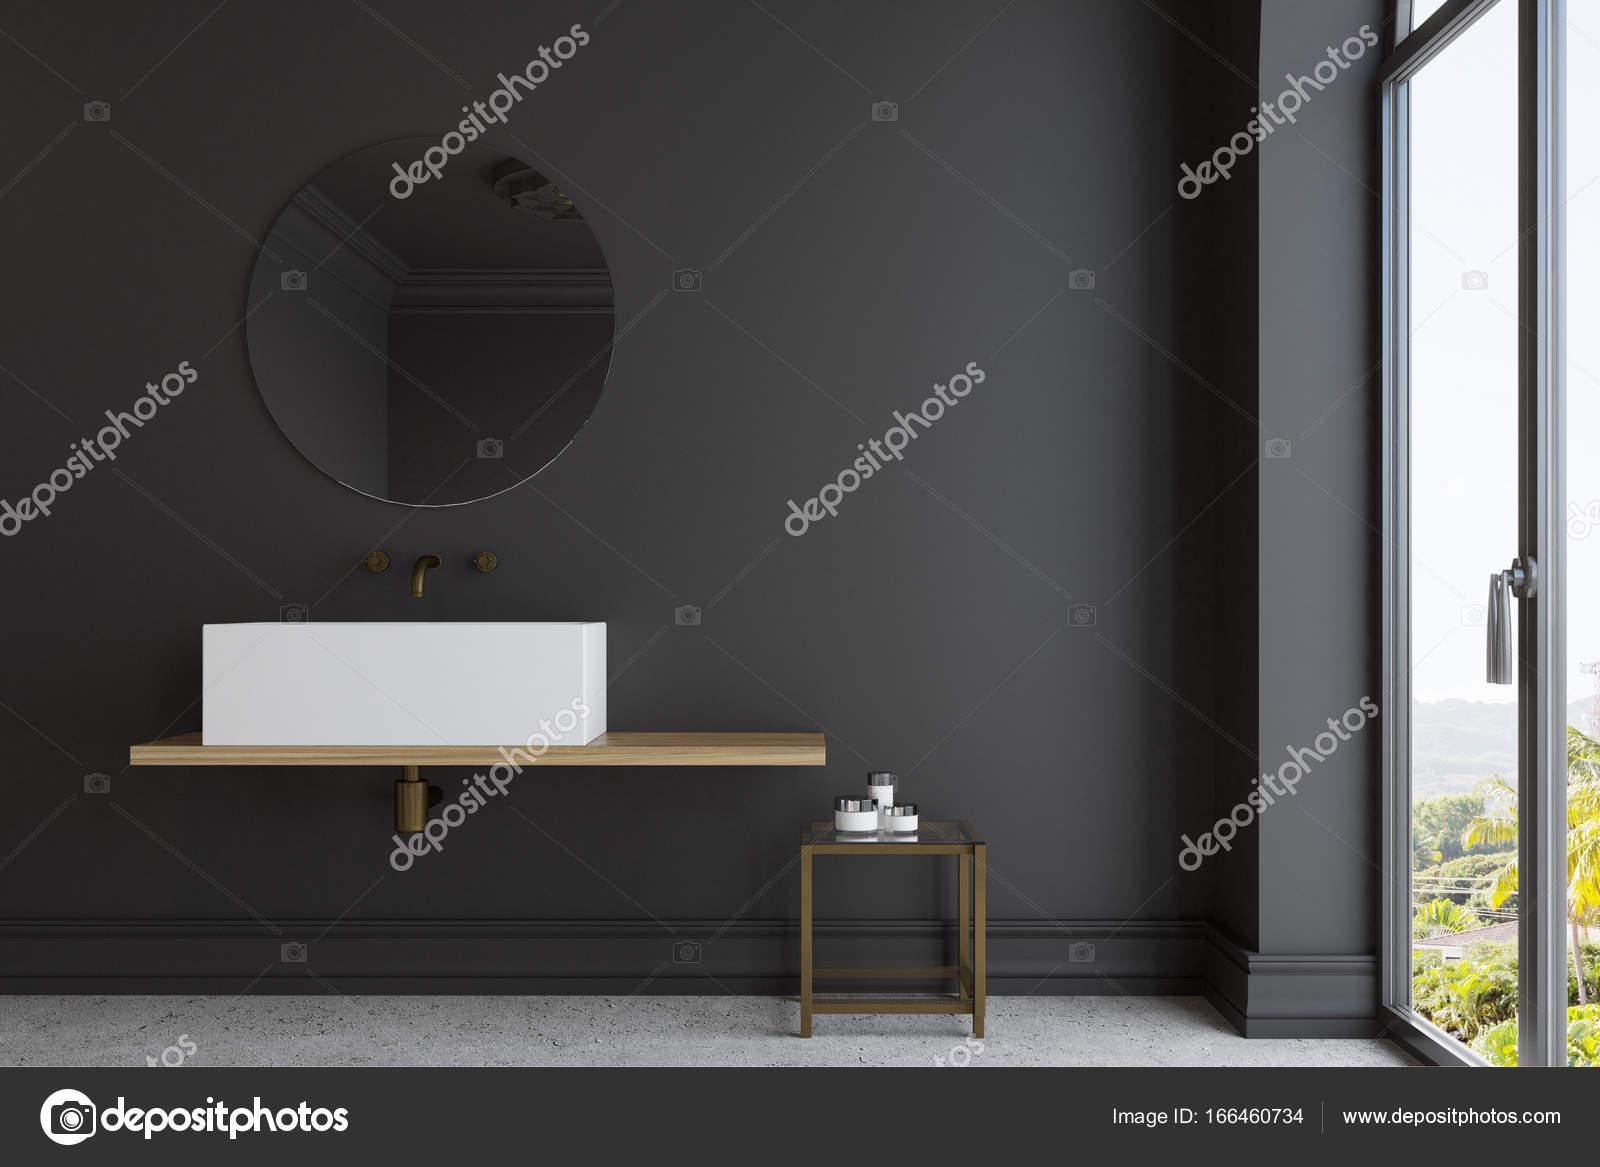 Ronde Zwarte Spiegel : Zwarte badkamer marmeren wastafel en spiegel u2014 stockfoto